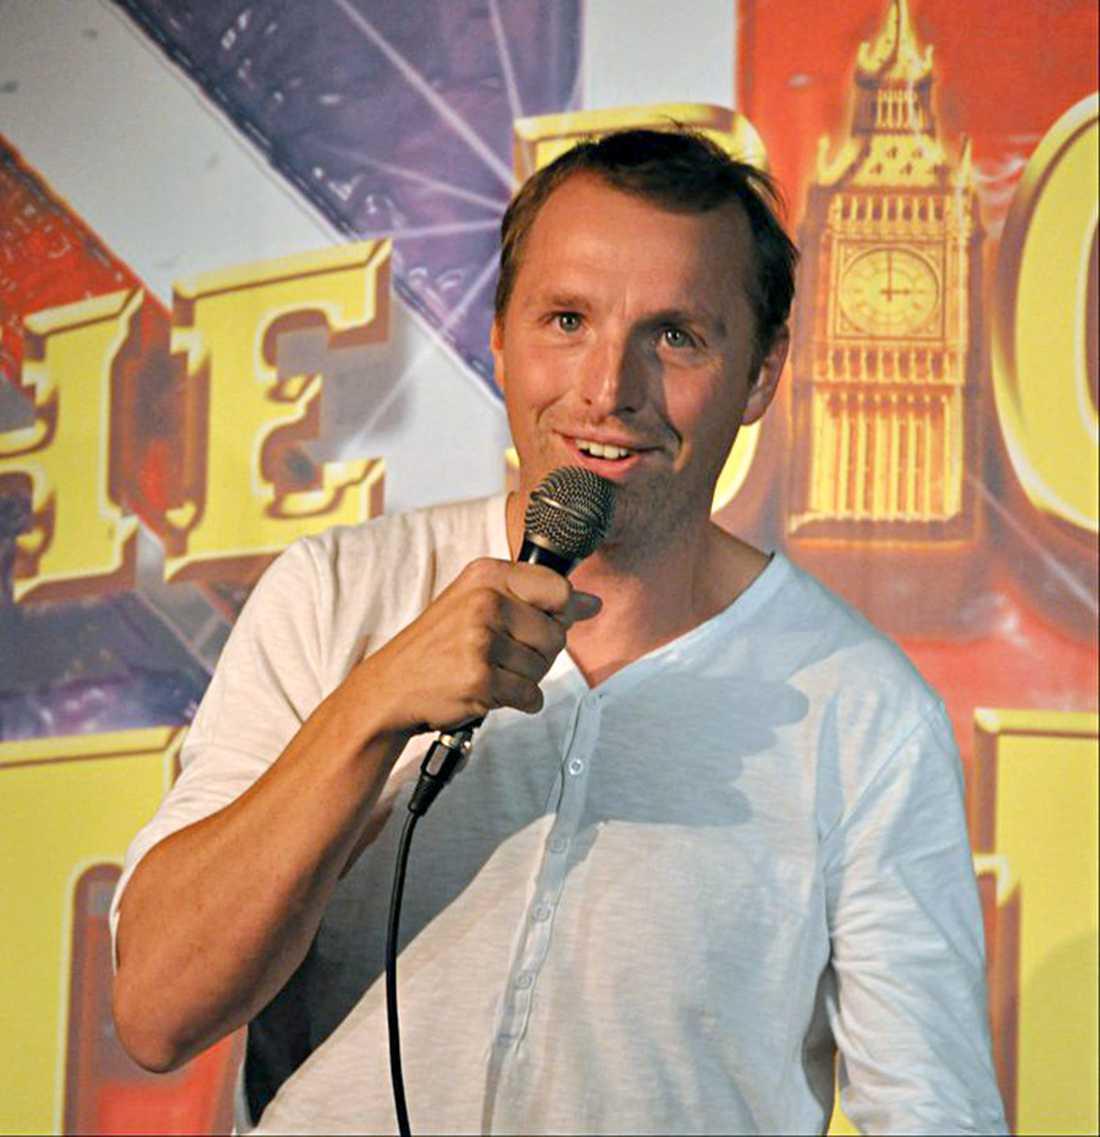 Stand-up komikern Tomas Bonderud hittade den kvarglömda väskan.